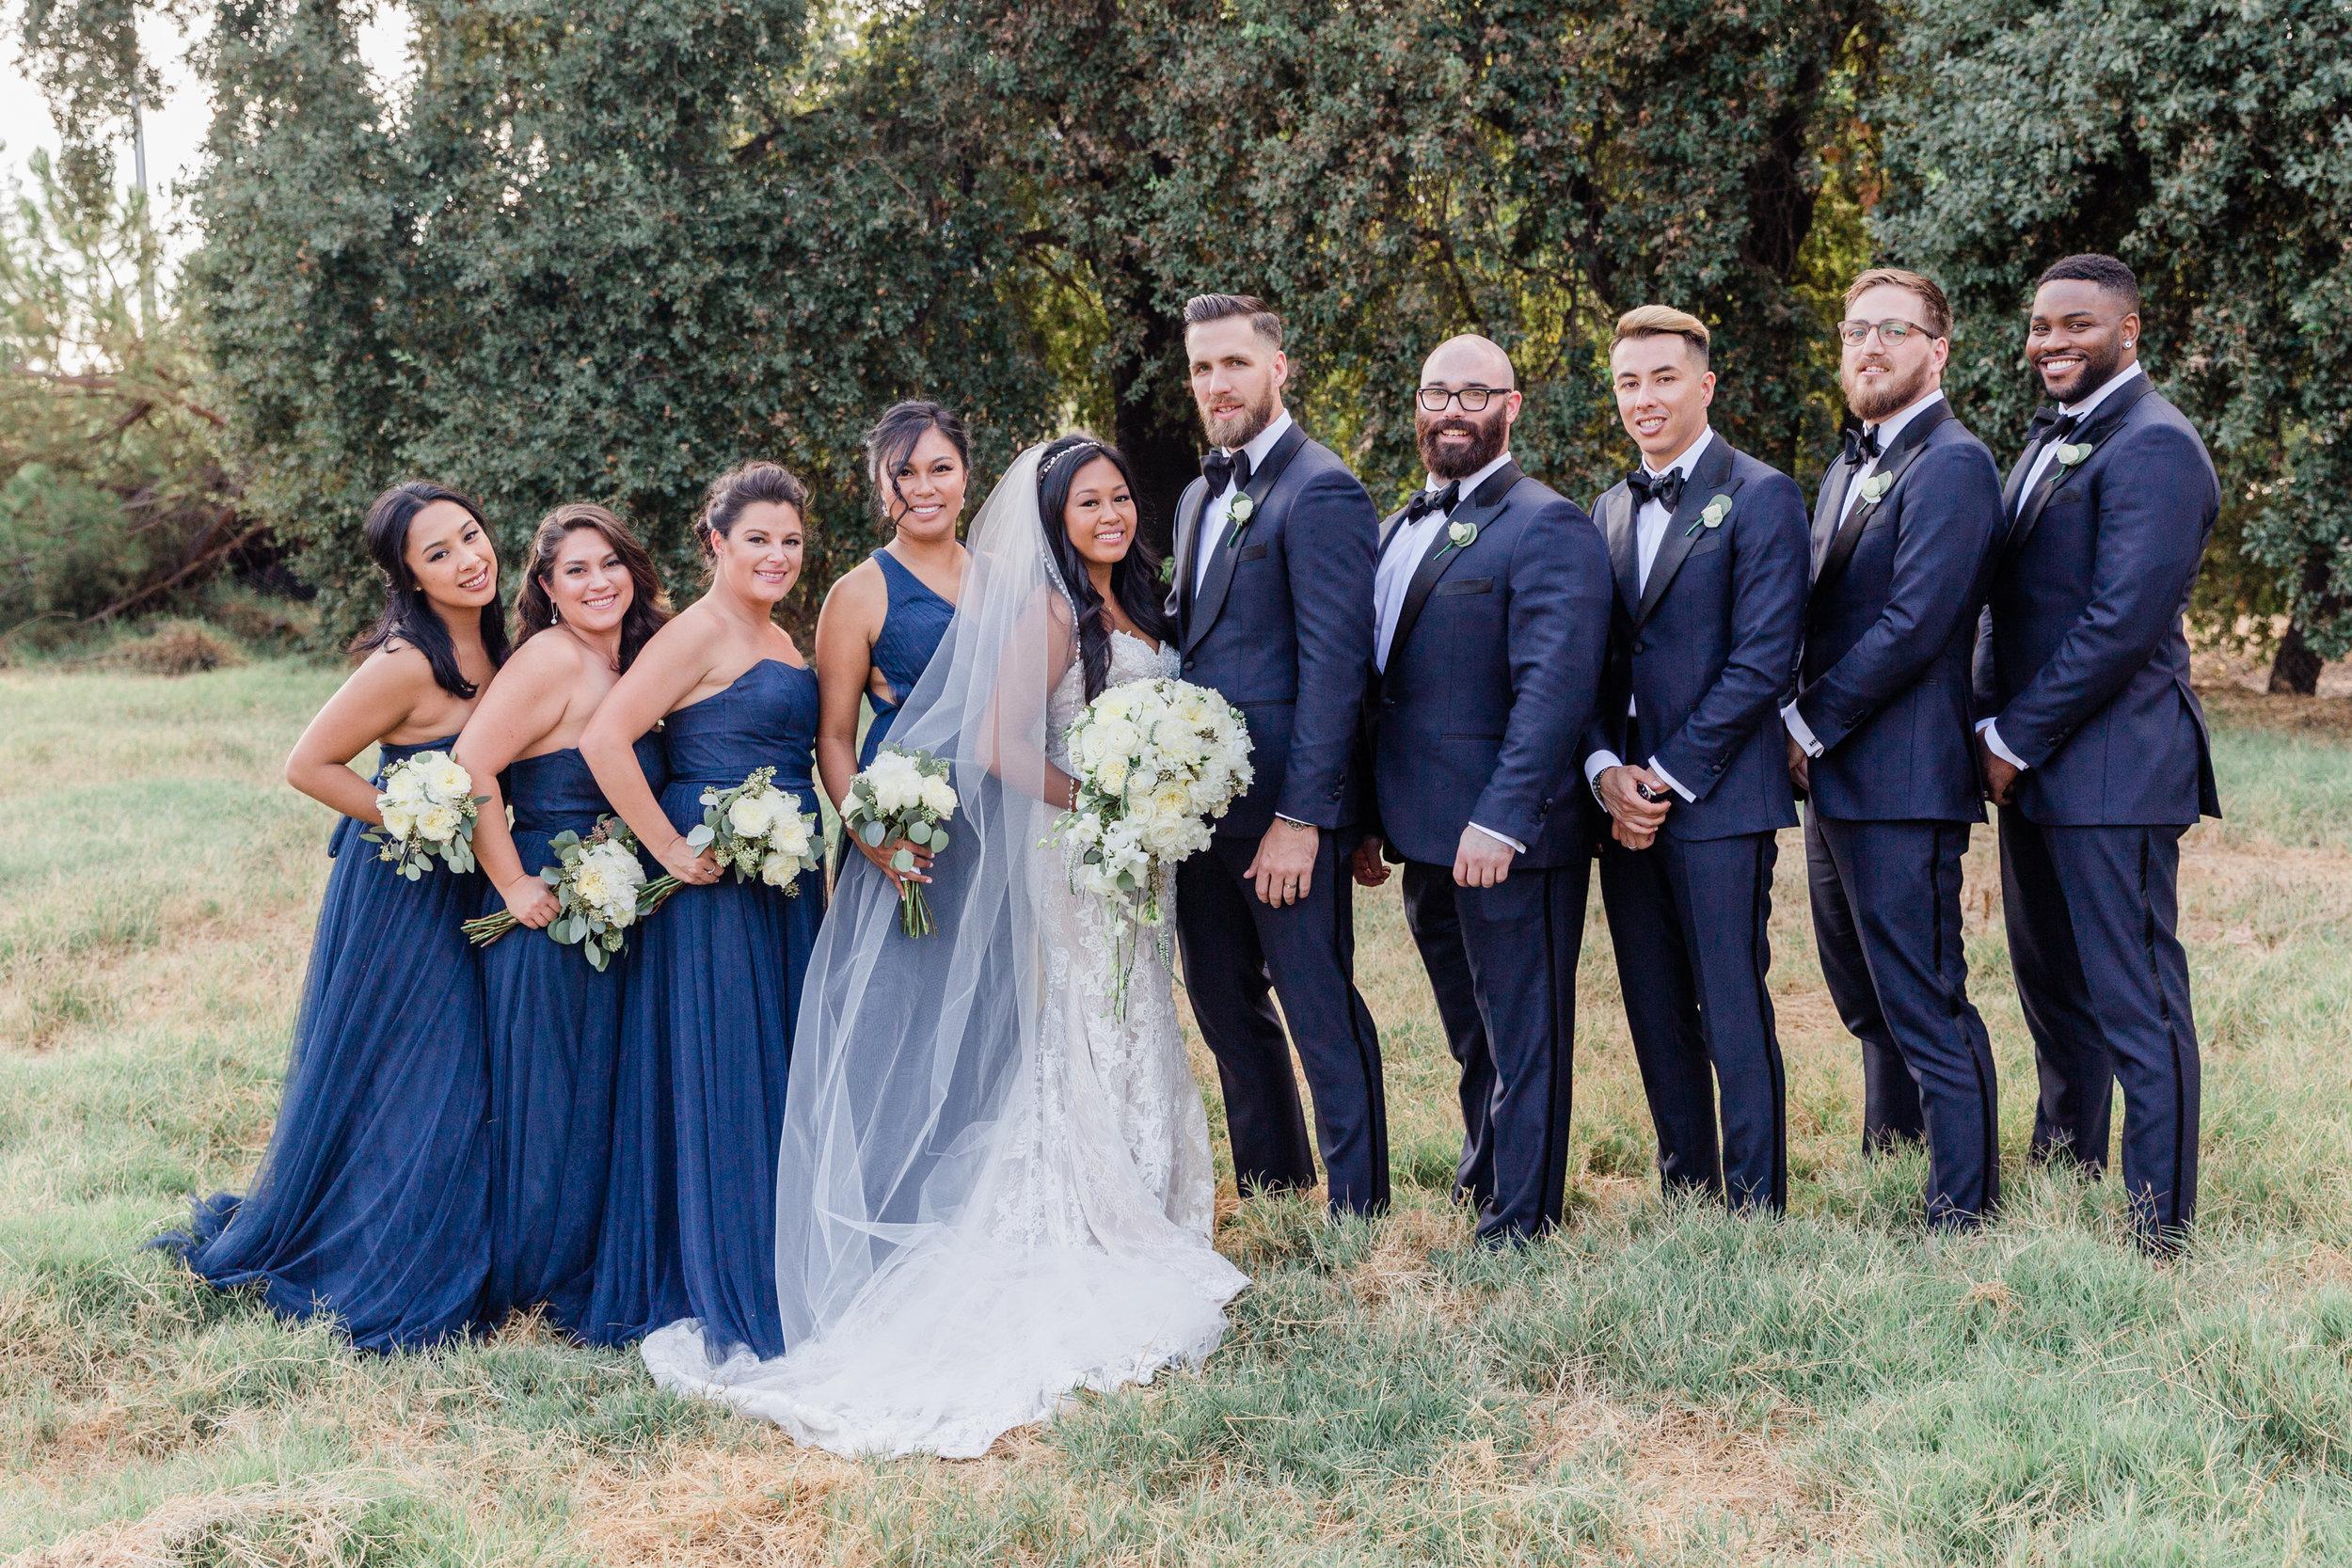 Raedawn and George - Married - Sneak Peeks - Lauren Alisse Photography-30.jpg